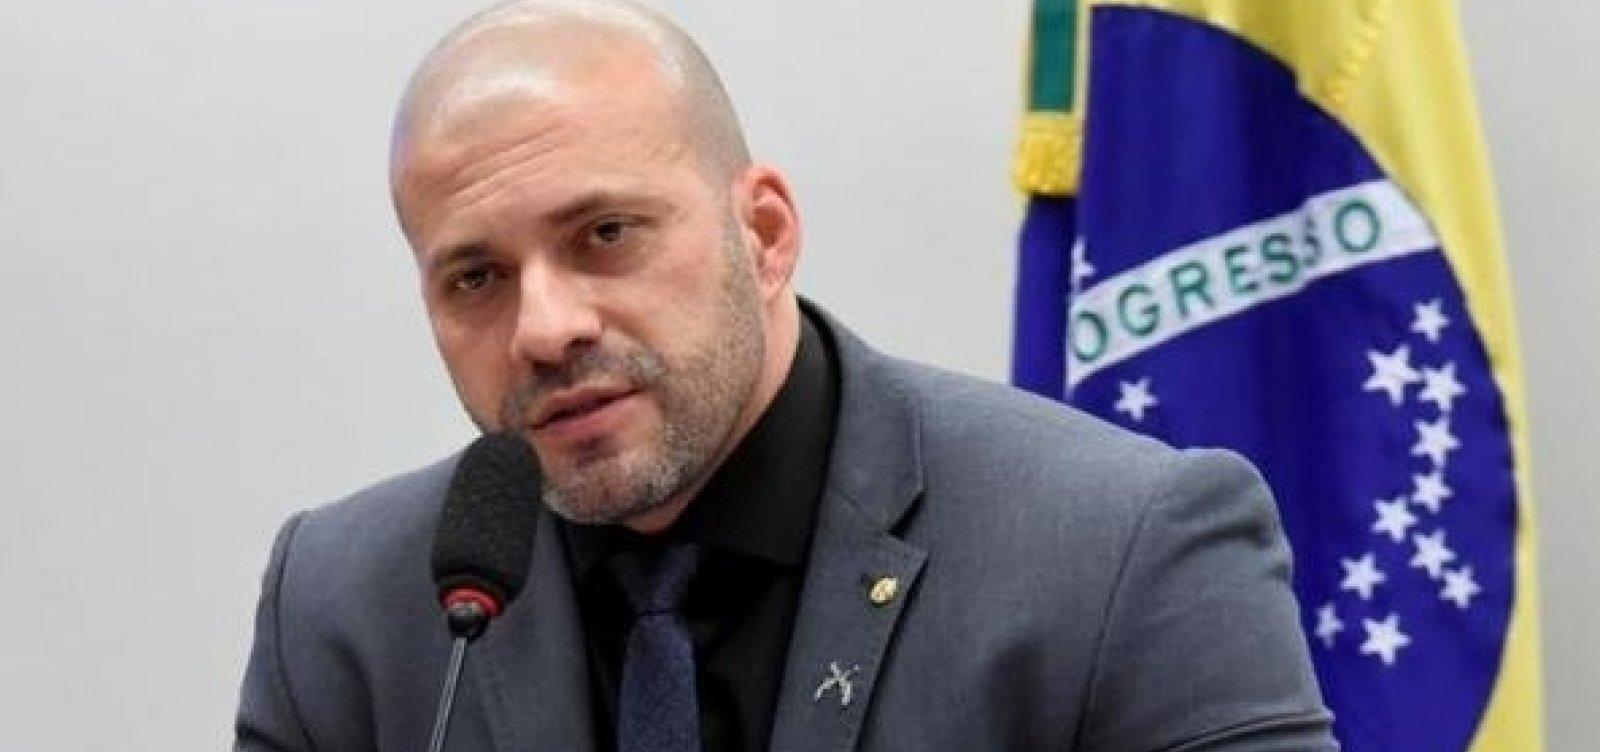 [Após prisão, vice-presidente do PSL irá solicitar expulsão do deputado Daniel Silveira do partido]